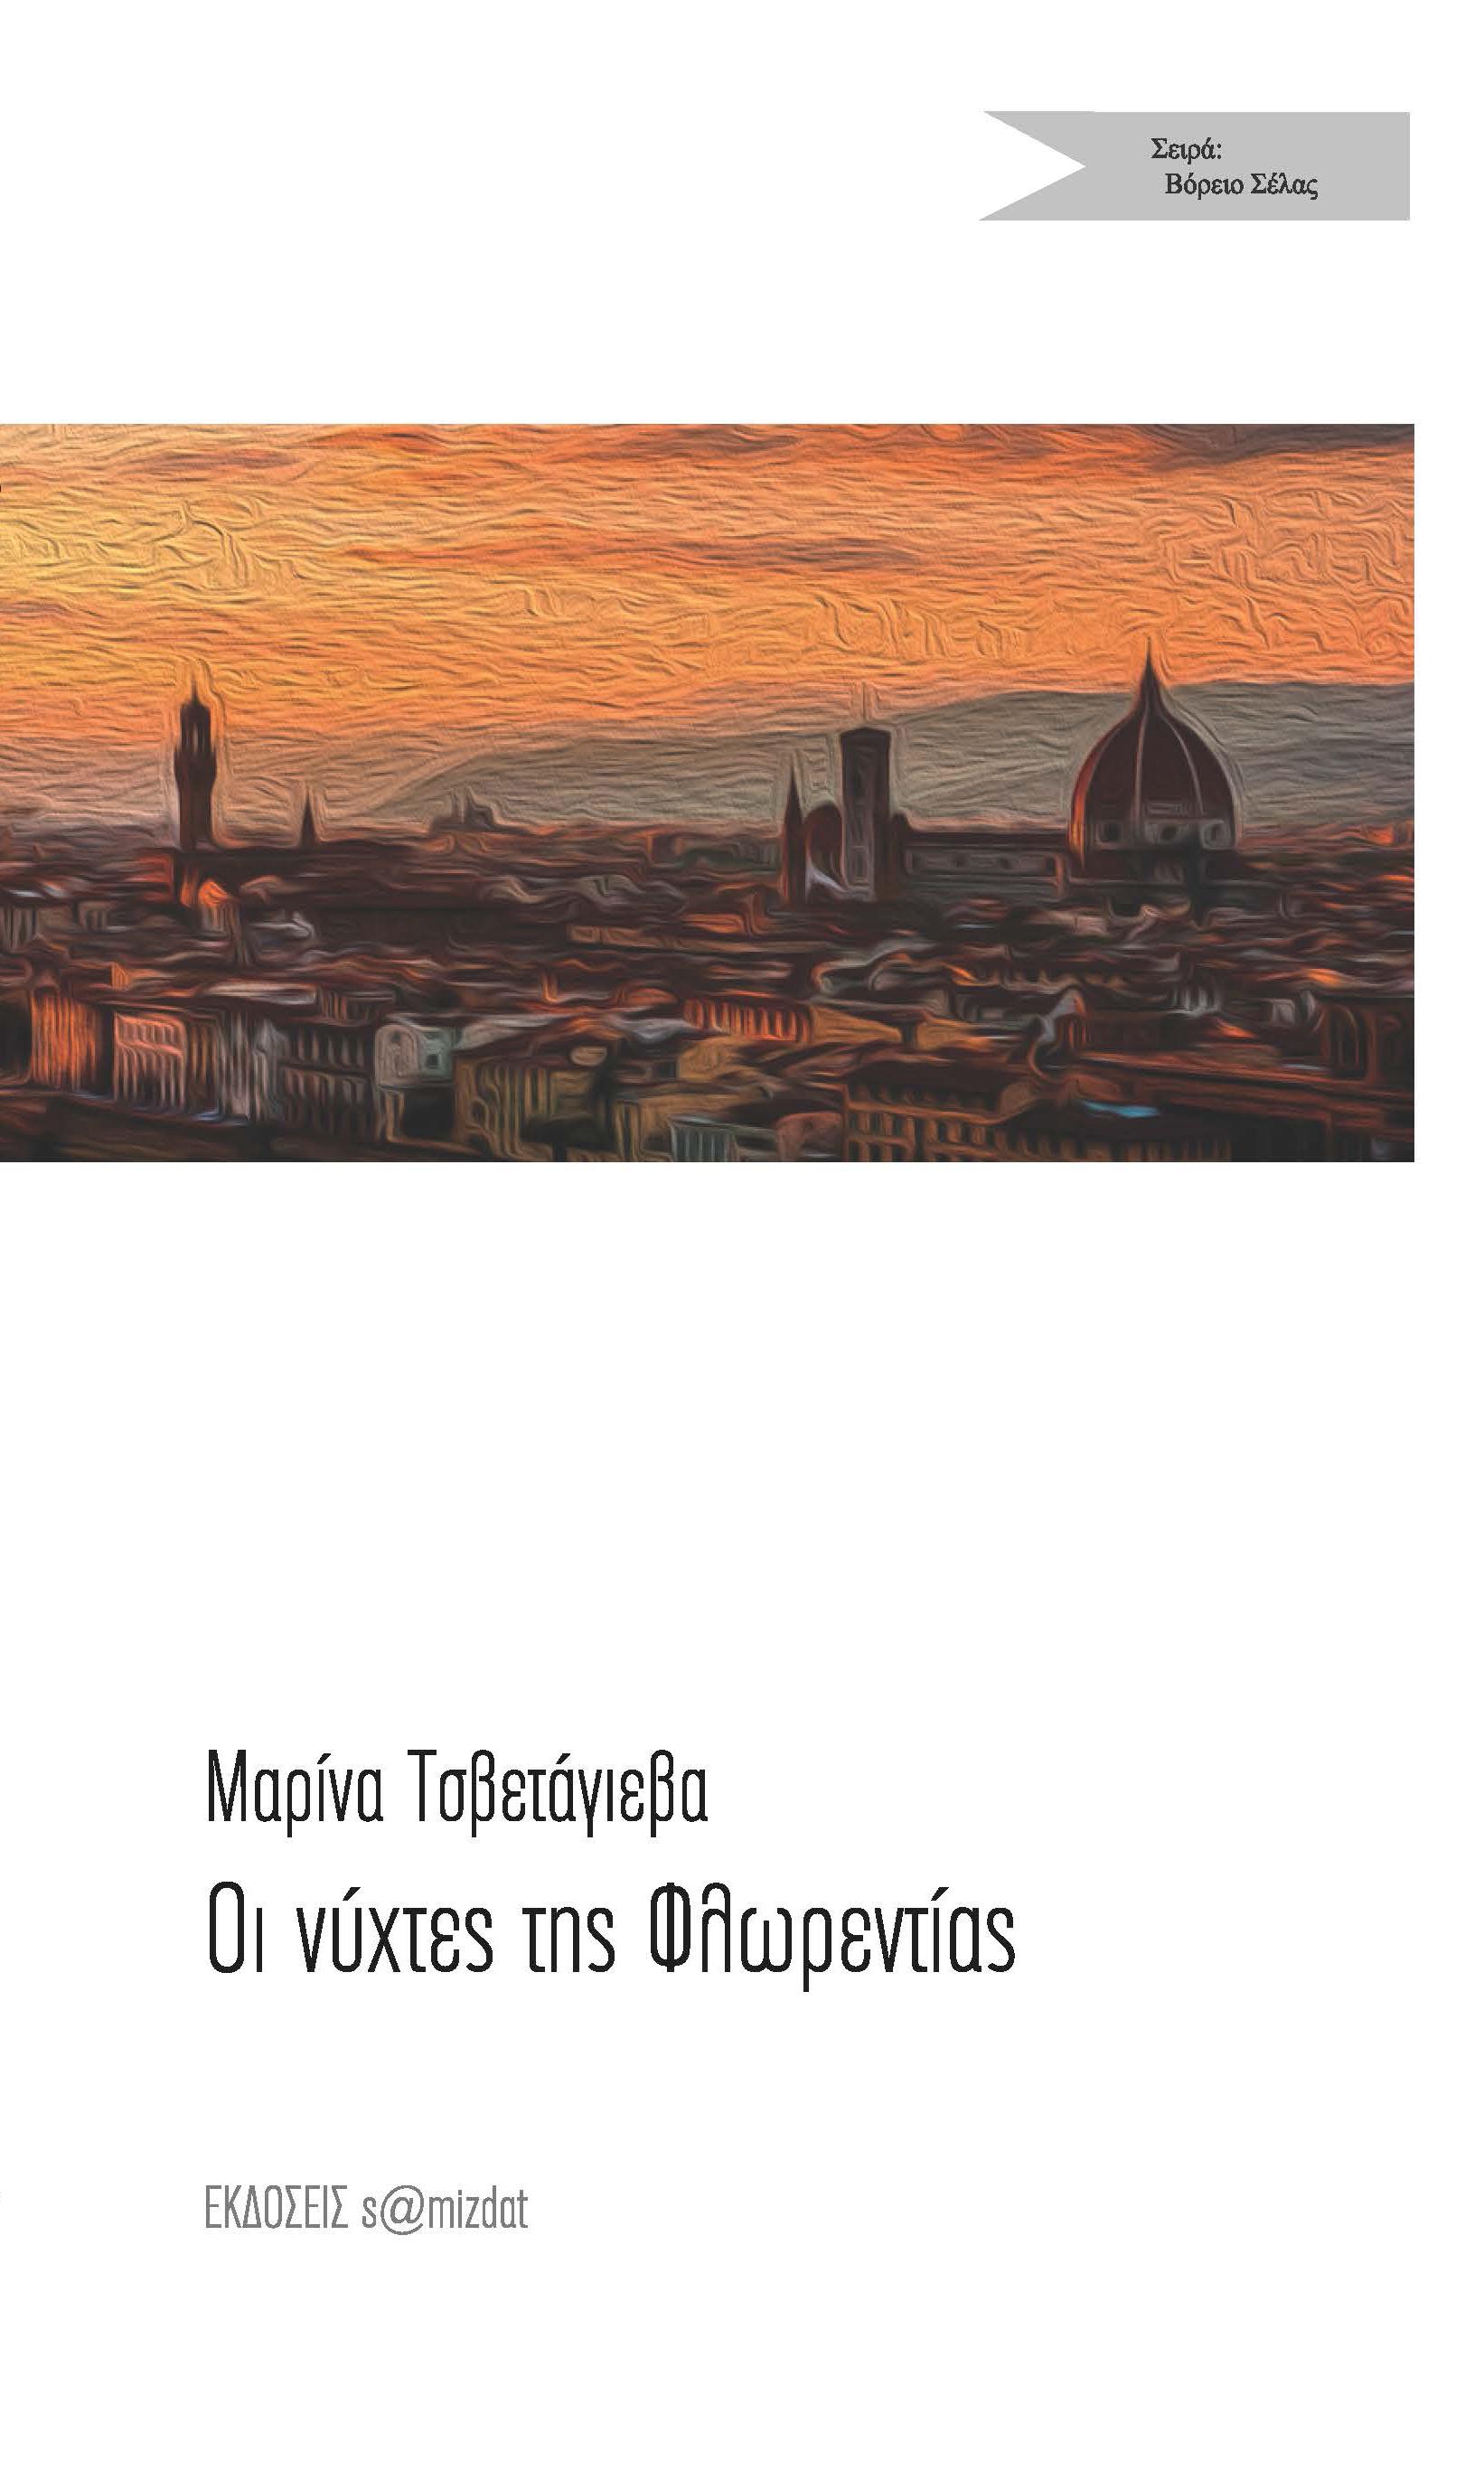 Μαρίνα Τσβετάγιεβα Οι νύχτες της Φλωρεντίας